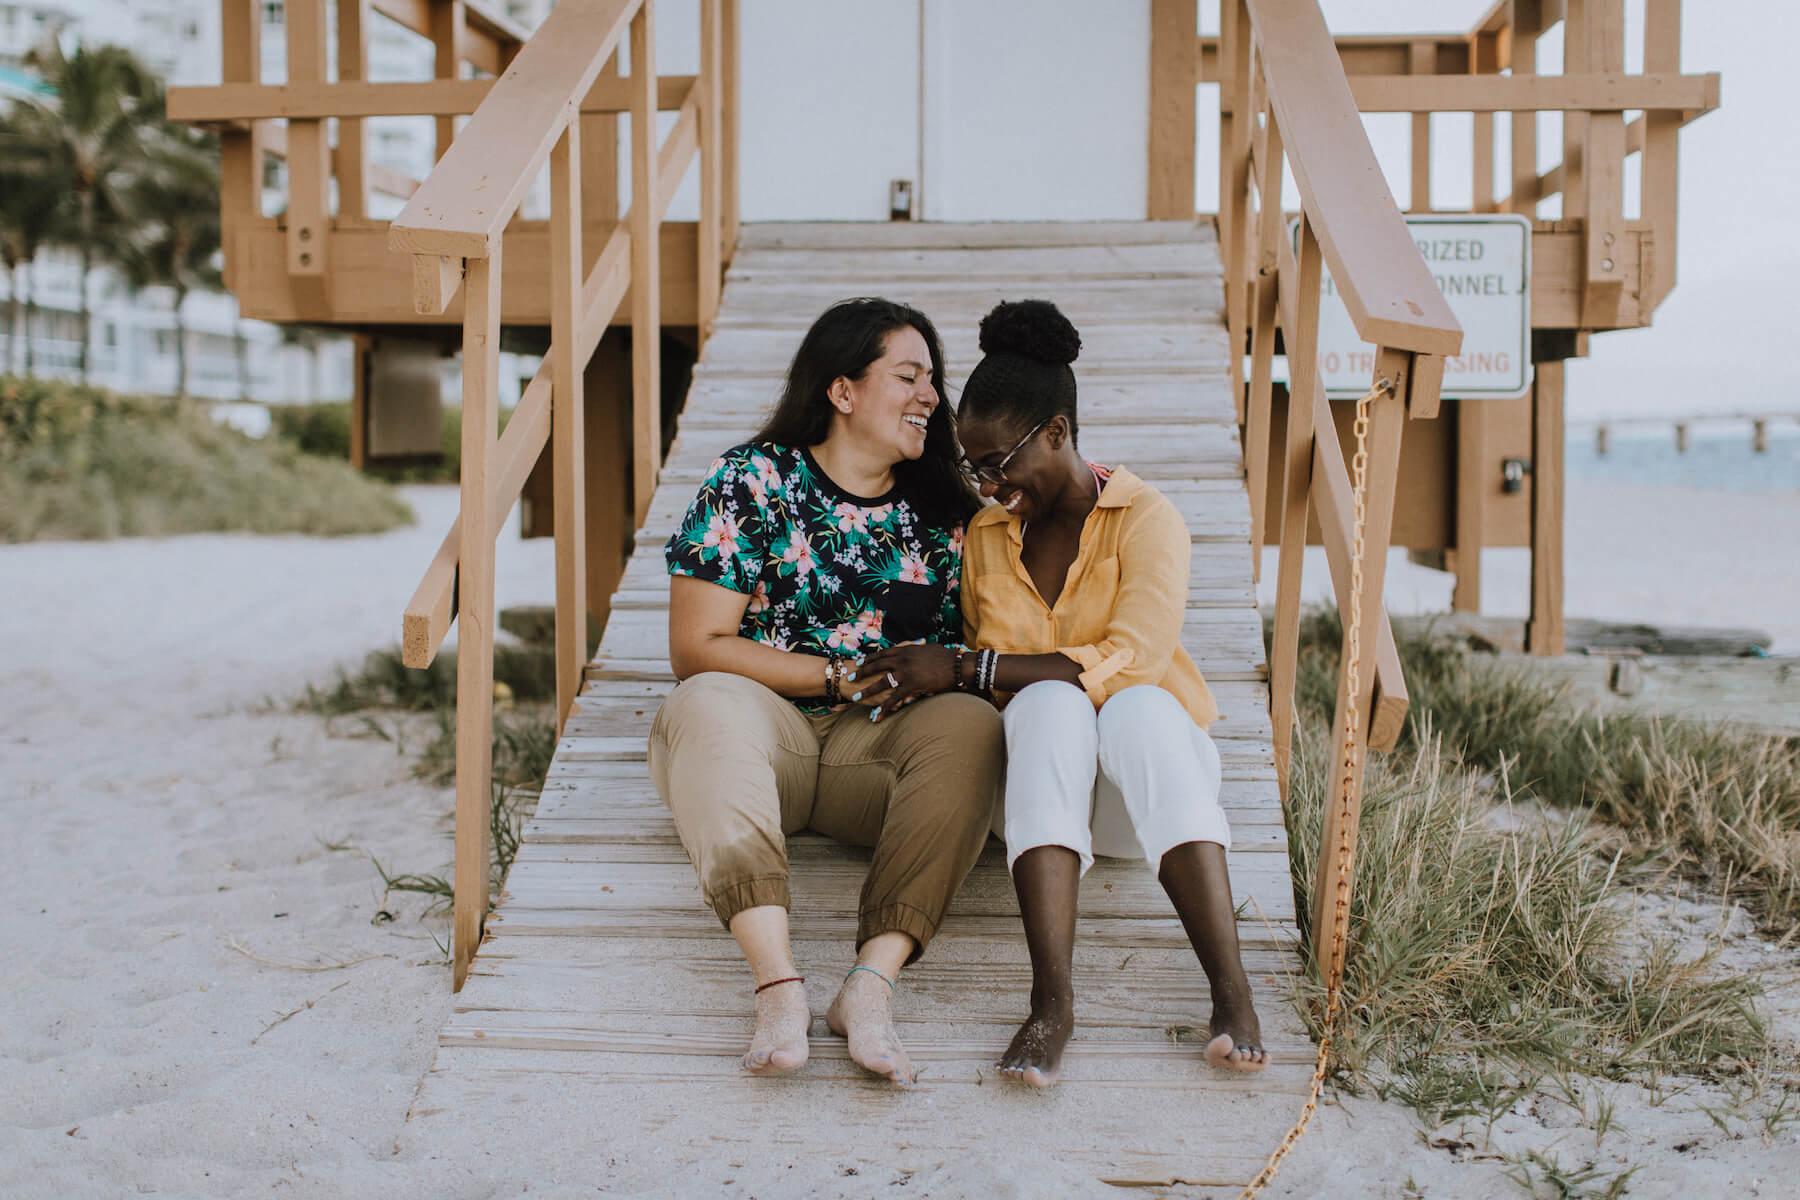 couple in Miami on their Flytographer photo shoot